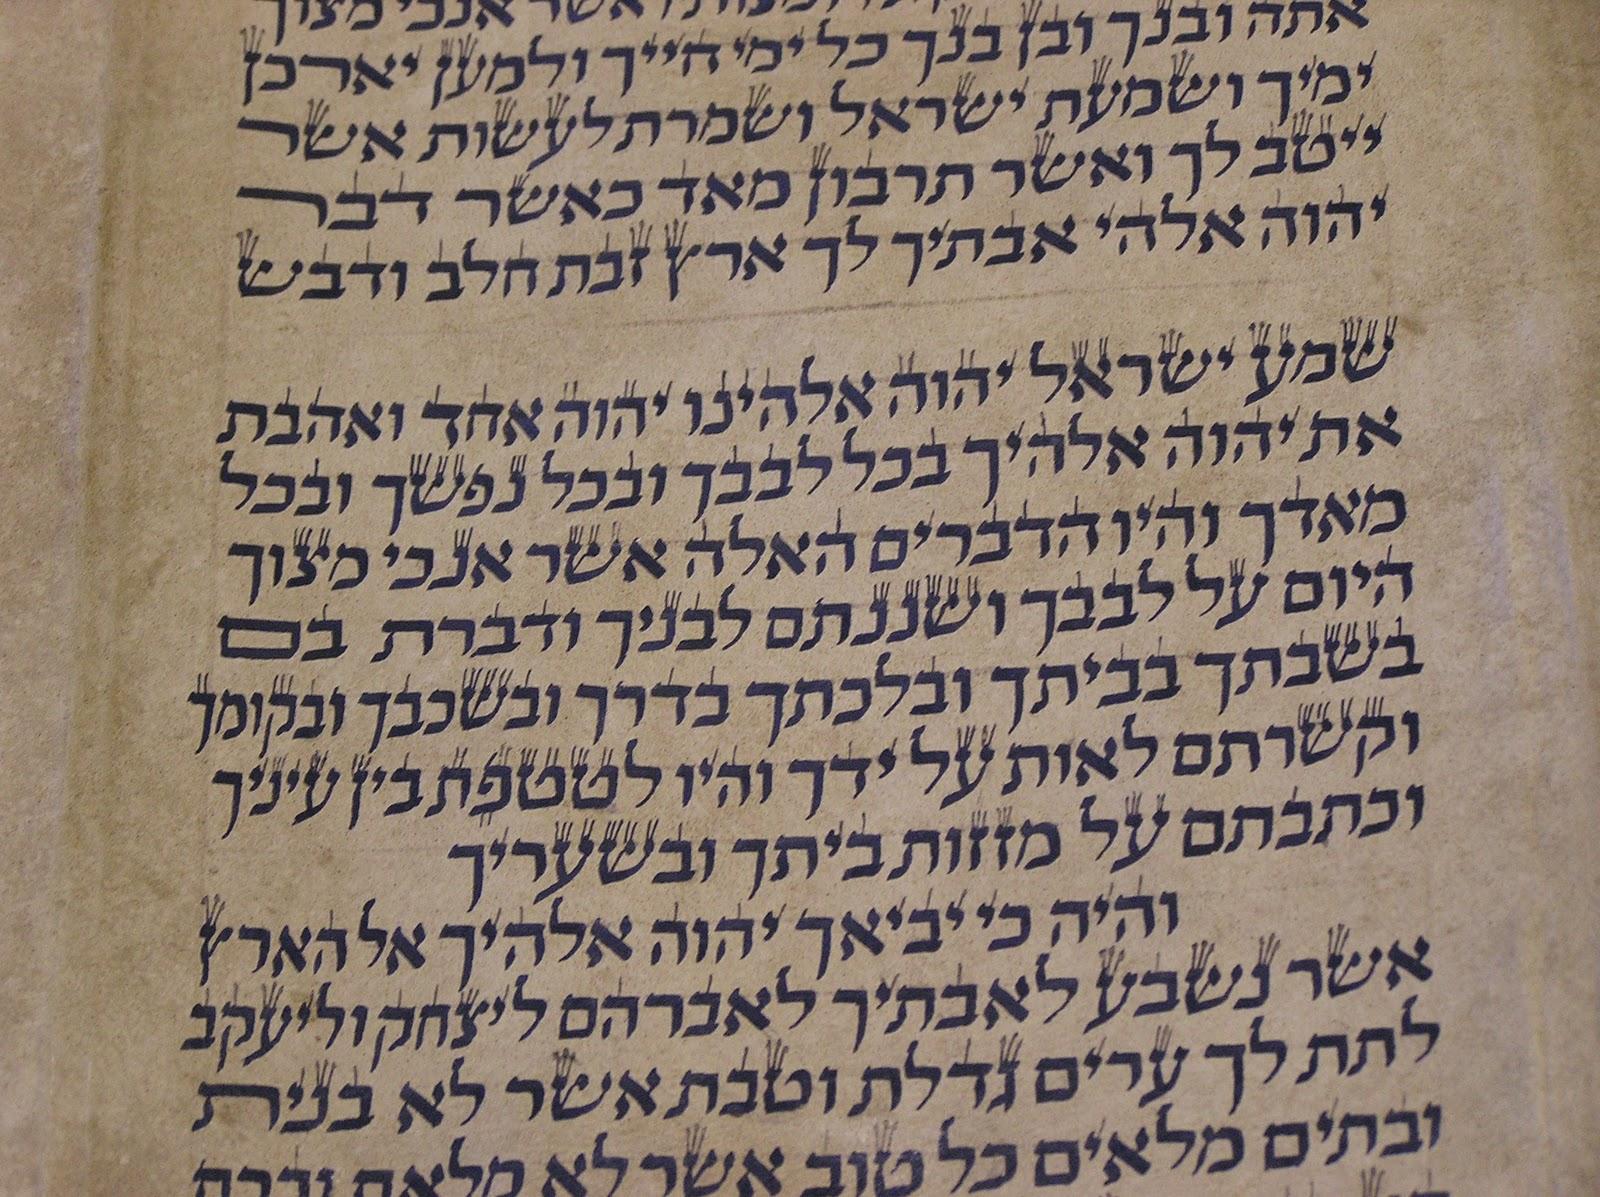 YK's Sofer Blog: Halacha LeMaase: Hanging Words